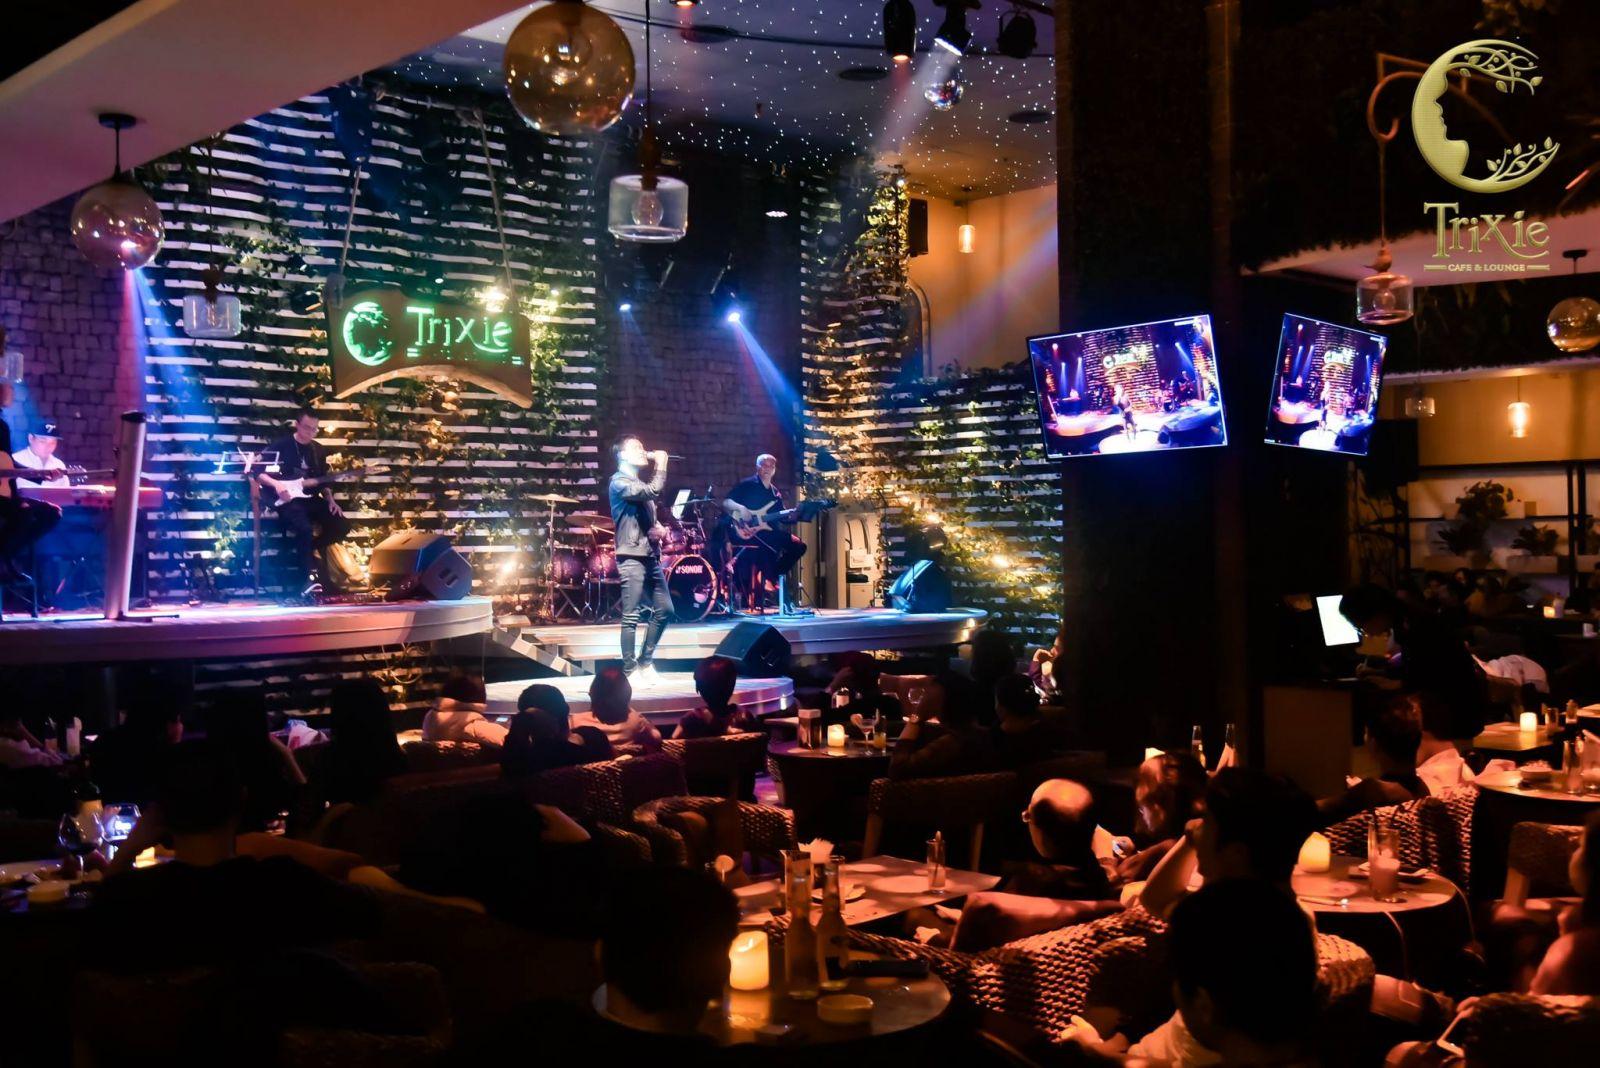 Cafe nhạc sống kỷ niệm  thời 8x, 9x dành cho thế hệ người trưởng thành hút khách tại Hà Nội